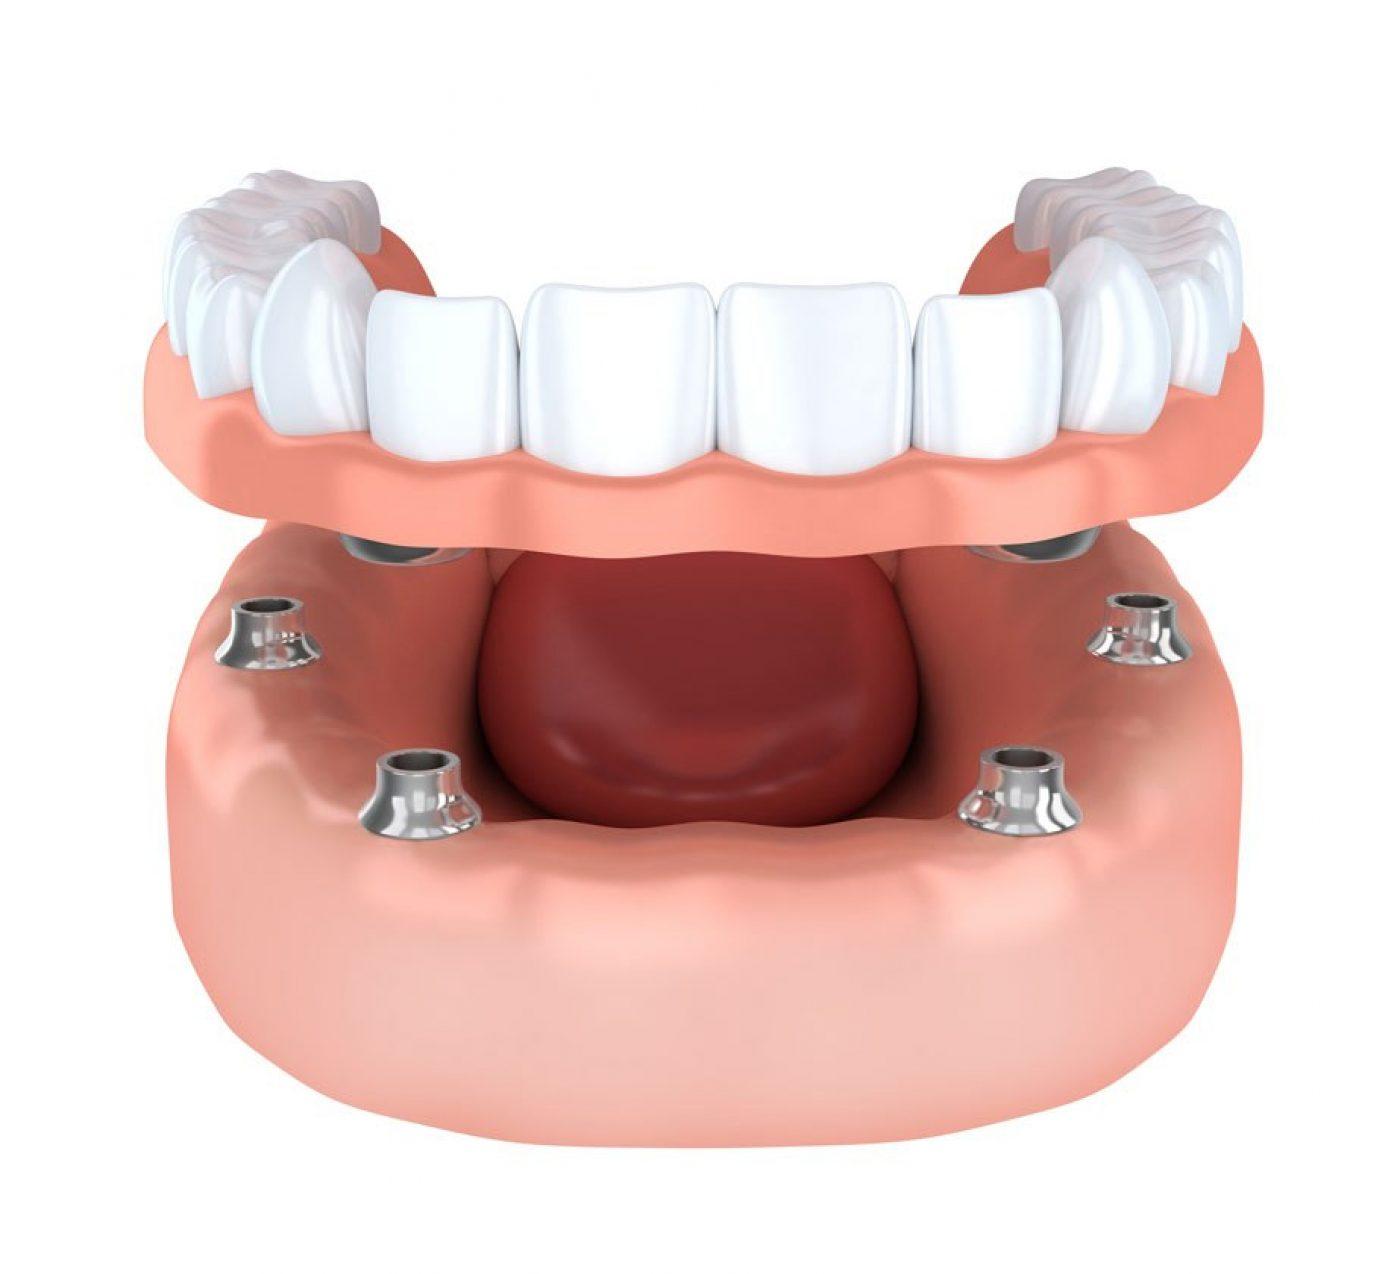 Parkside Dental Implants Sameday